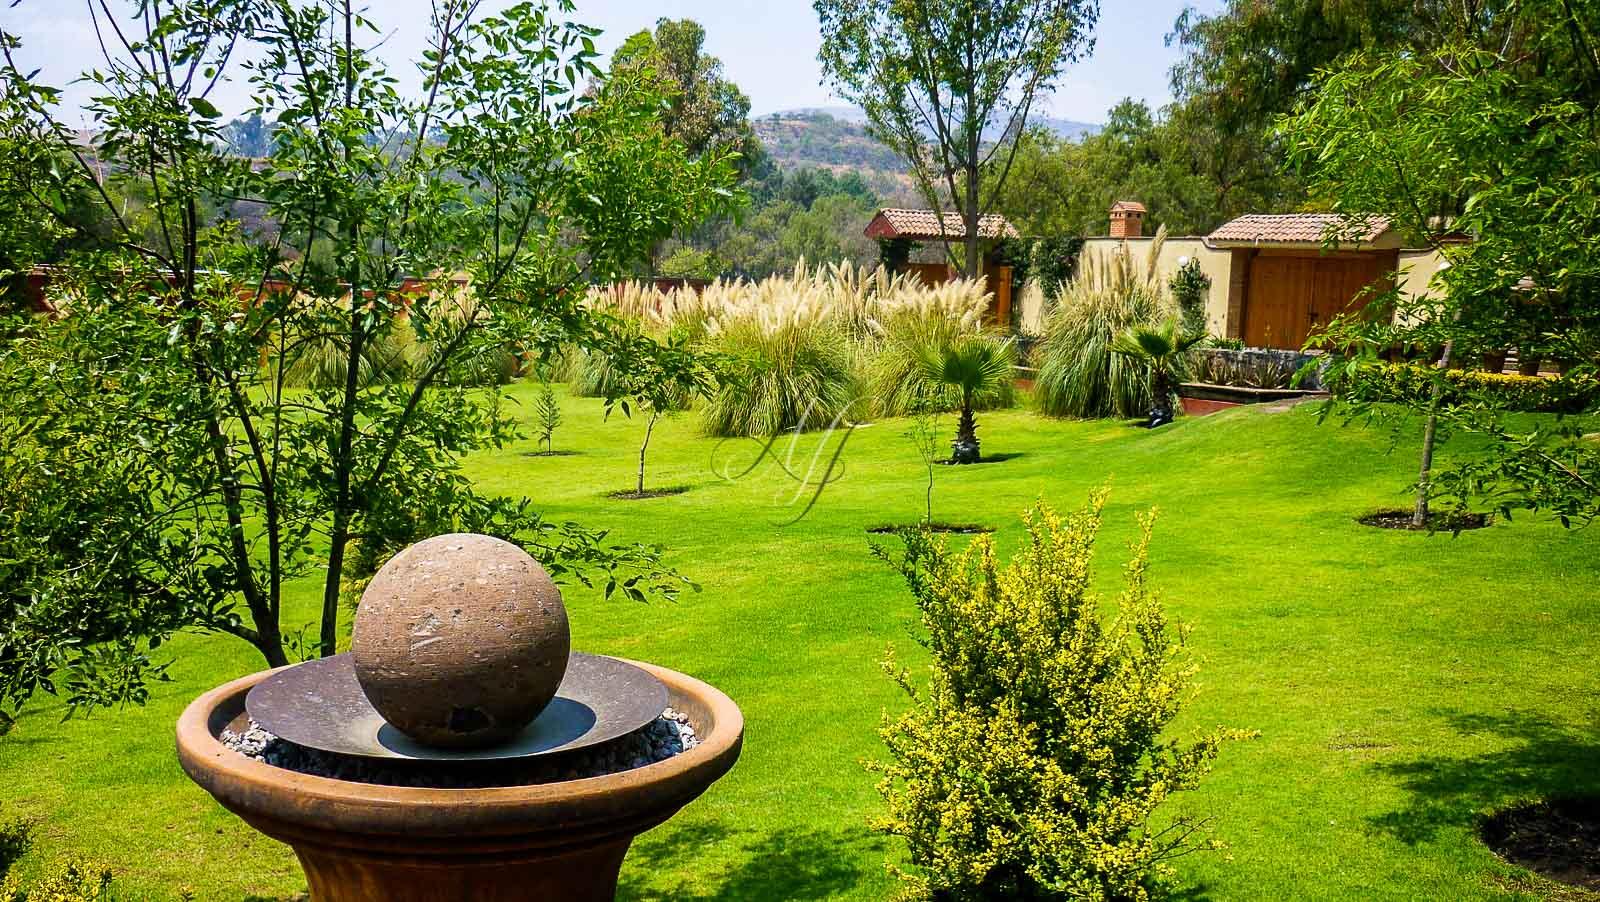 Hacienda la concepci n banquetes hada martens for Atuendo para boda en jardin